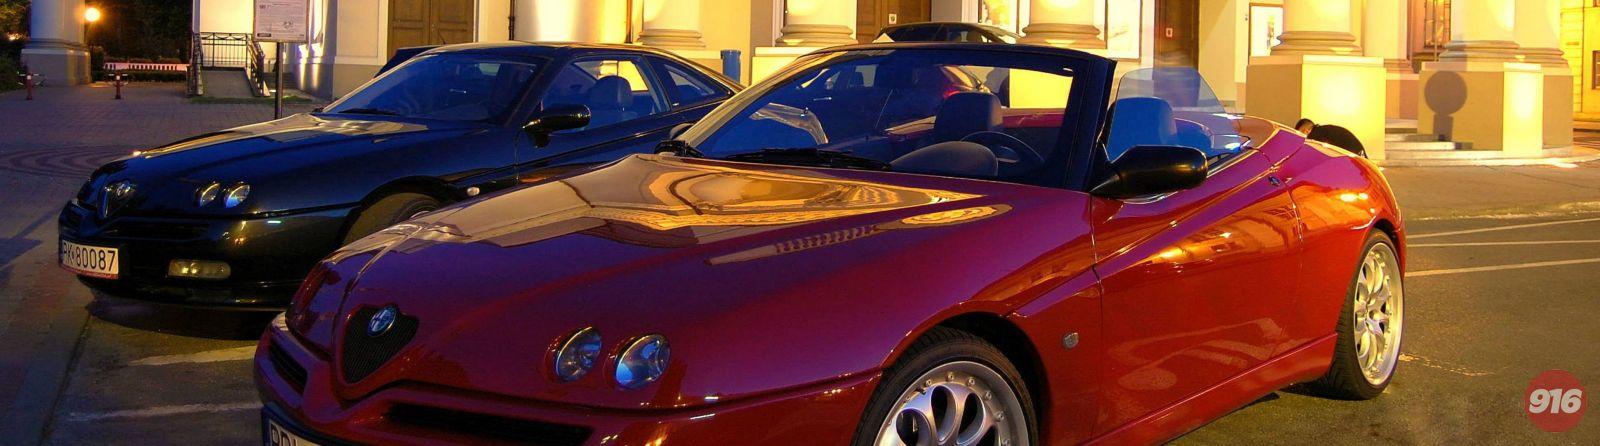 Spider & GTV